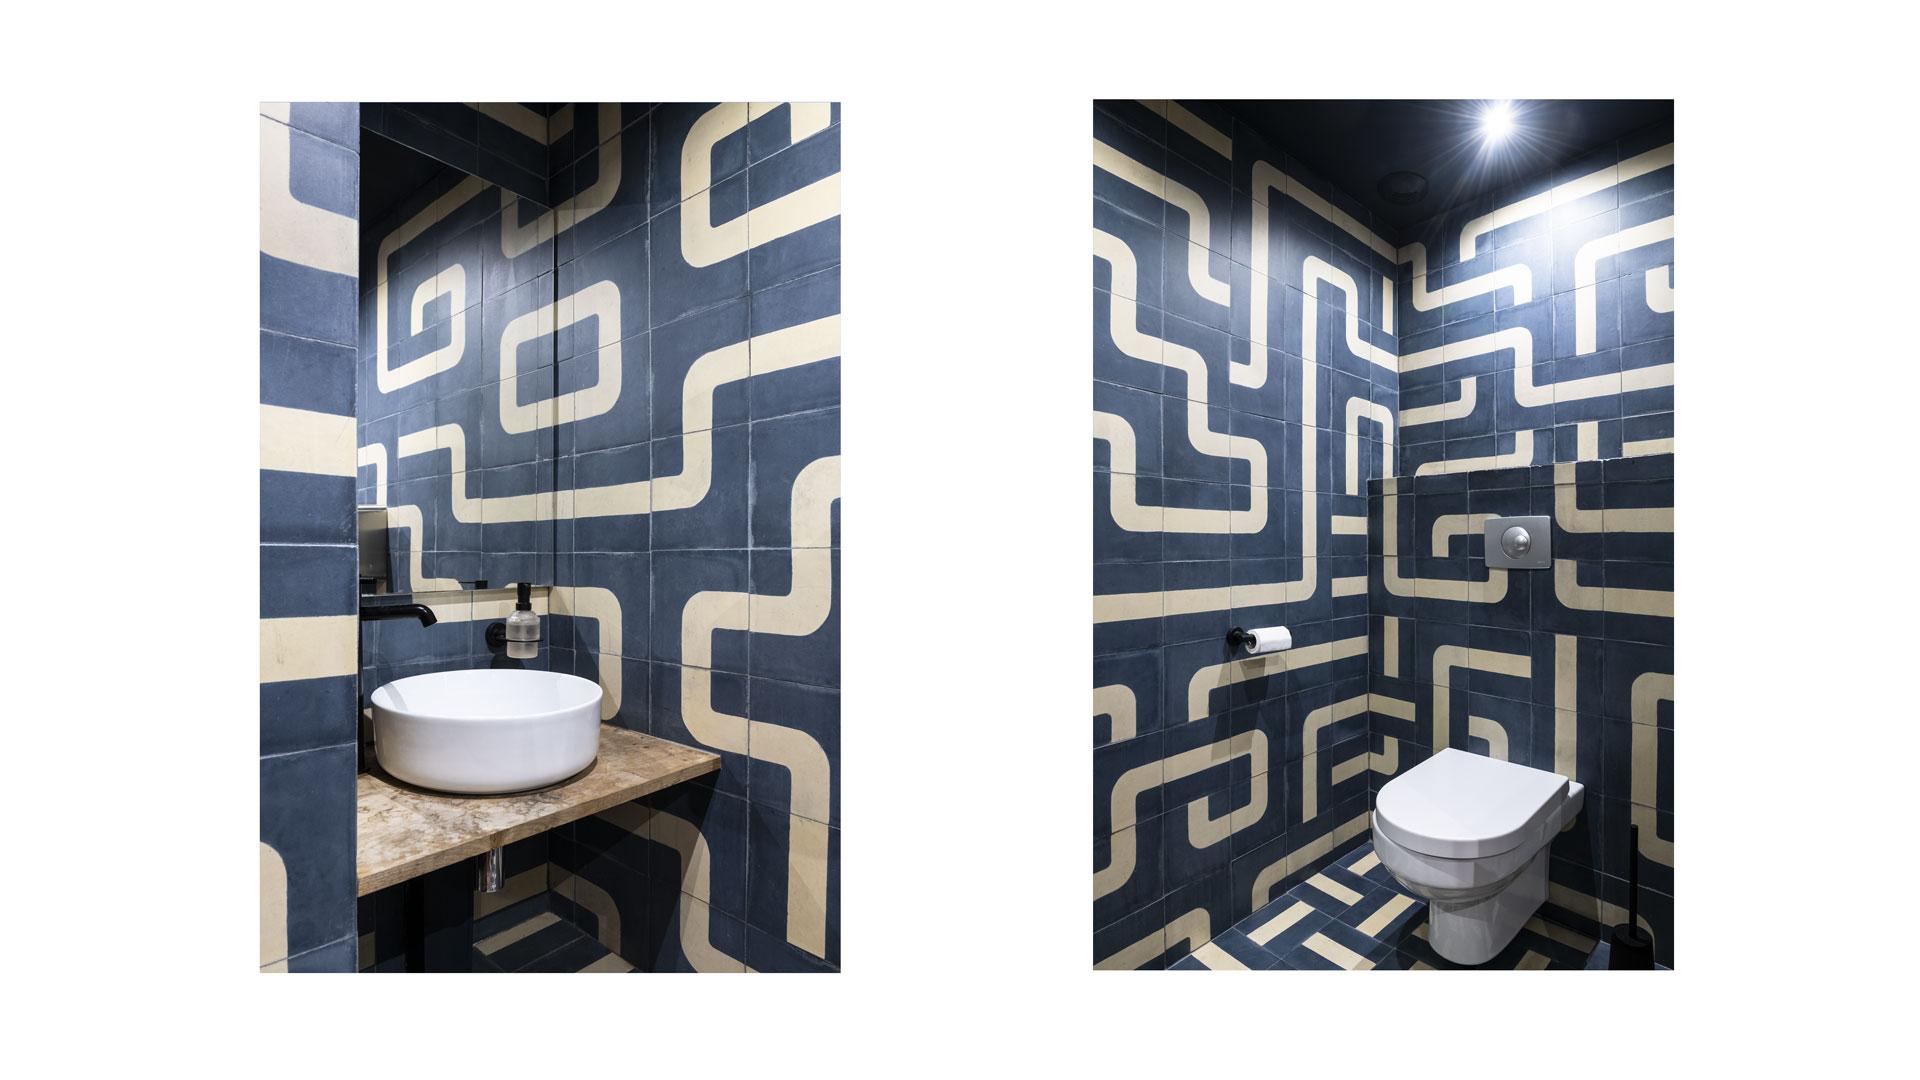 Papas Tacos - restaurant - Bordeaux - identity - custom tile - graphic